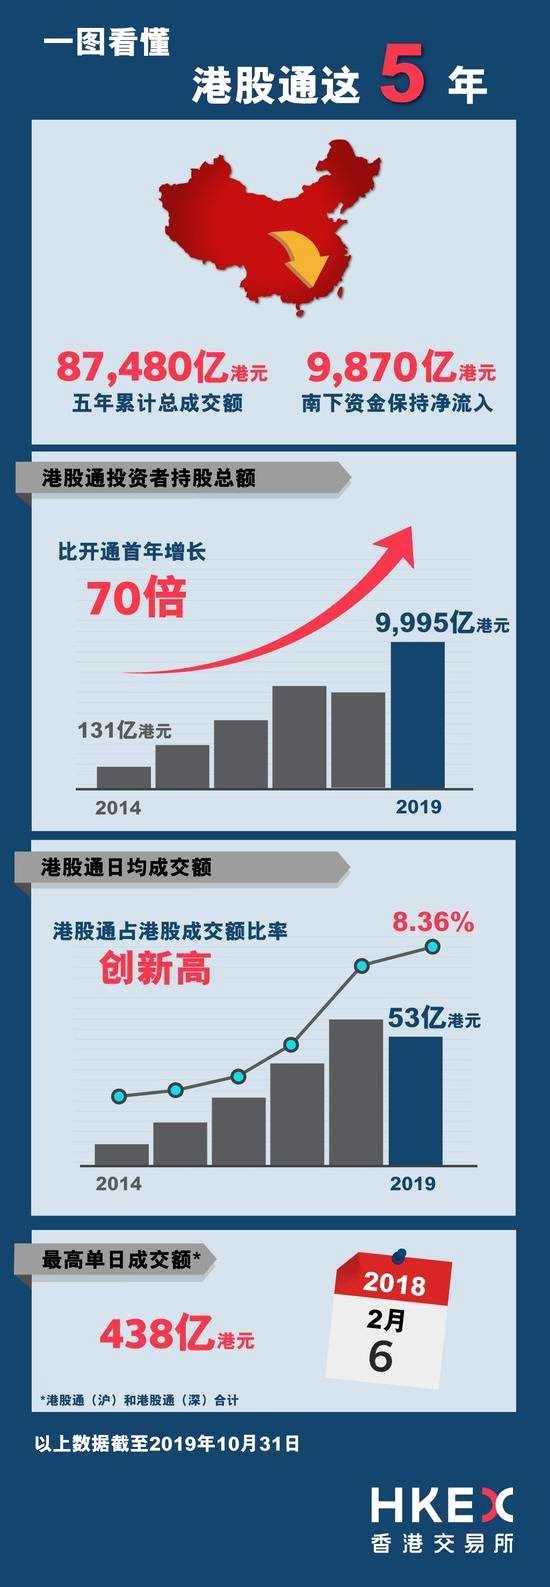 港股通交易大盤點:五年累計成交8.75萬億港元